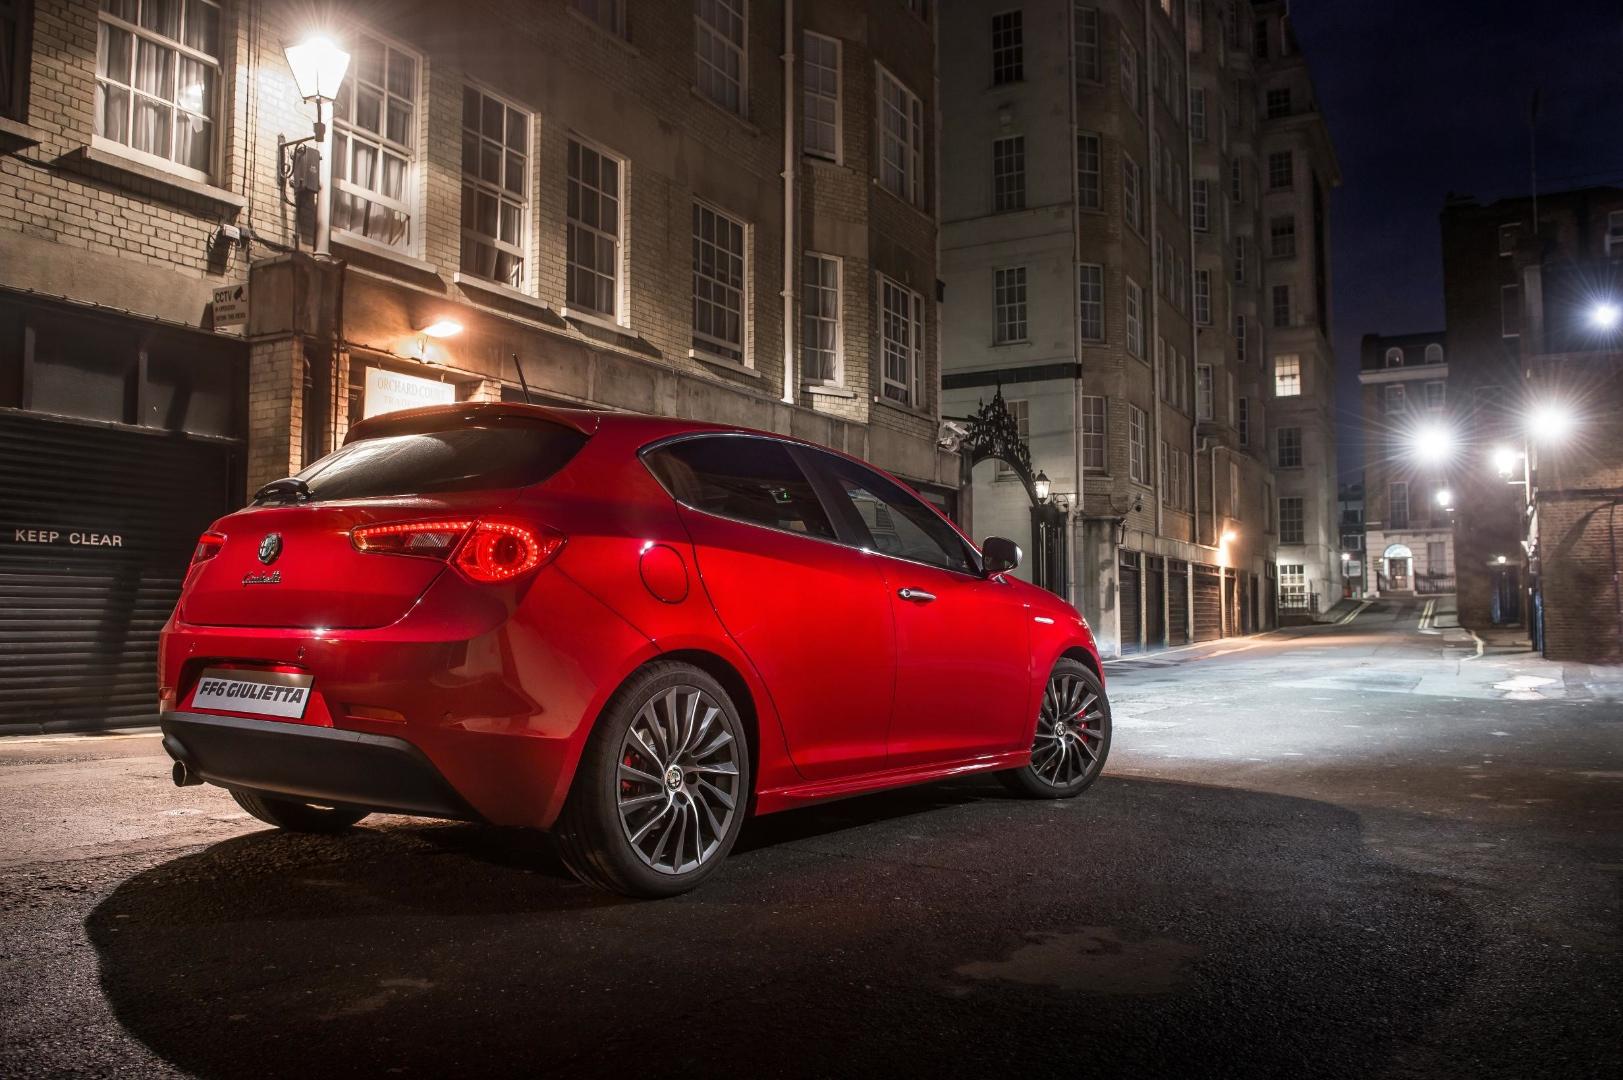 Alfa Romeo Giulietta Fast Amp Furious 6 Limited Edition